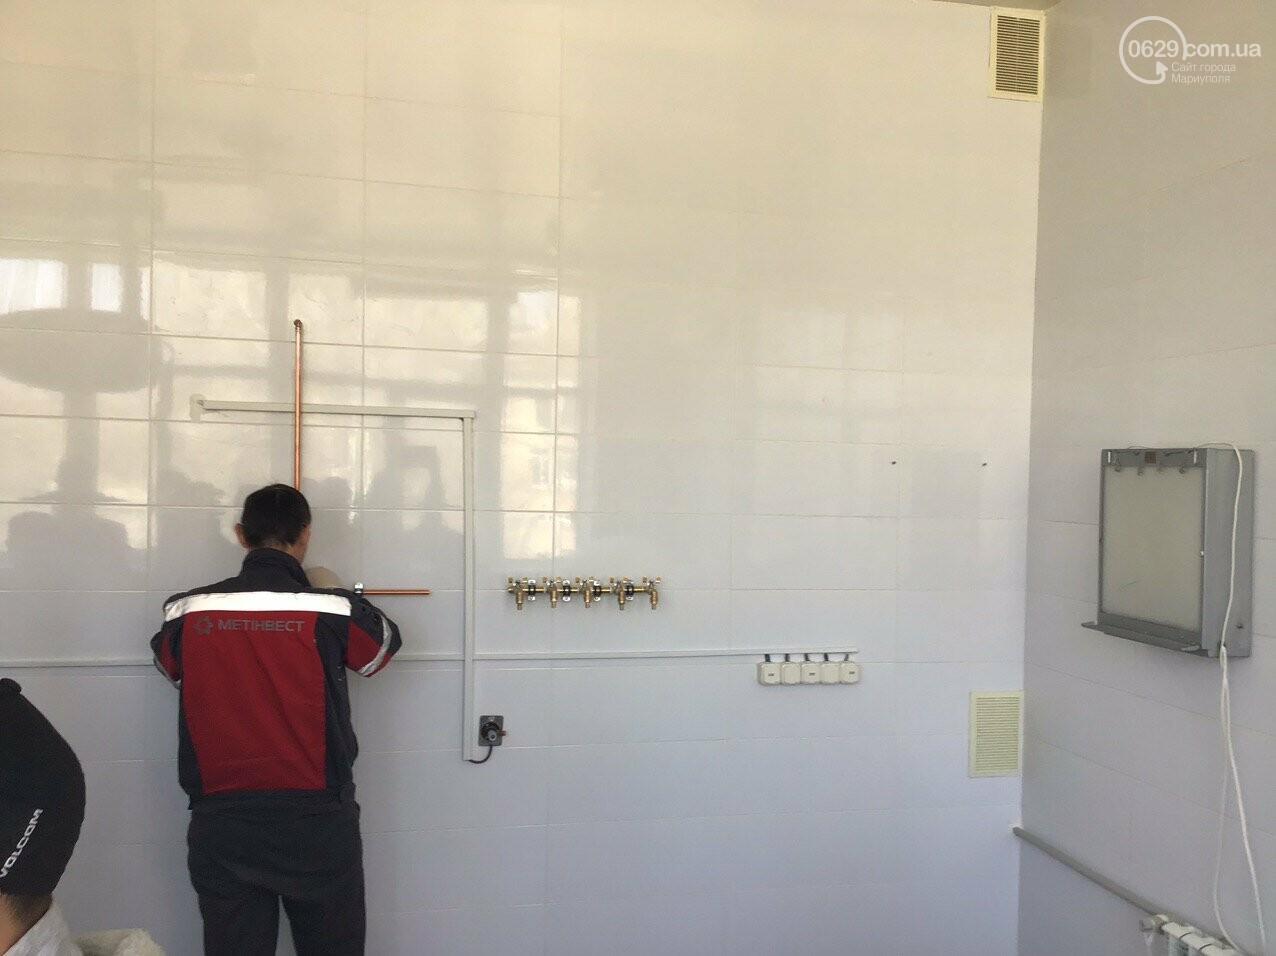 В Мариуполе проверили, насколько больницы города готовы к обострению ситуации с коронавирусом, - ФОТО, ВИДЕО, фото-19